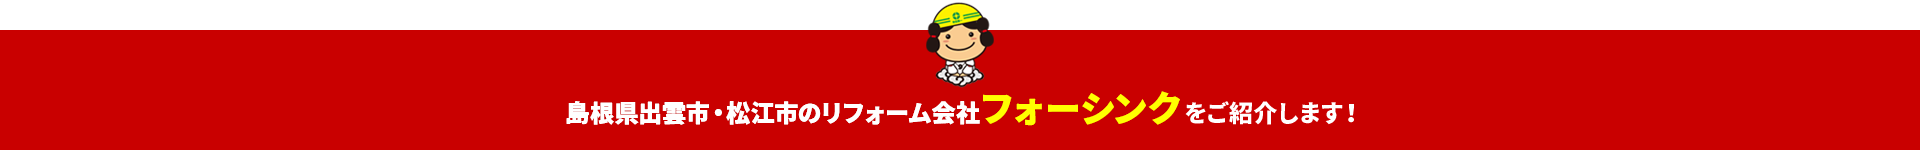 島根県出雲市のリフォーム会社フォーシンク出雲をご紹介します!